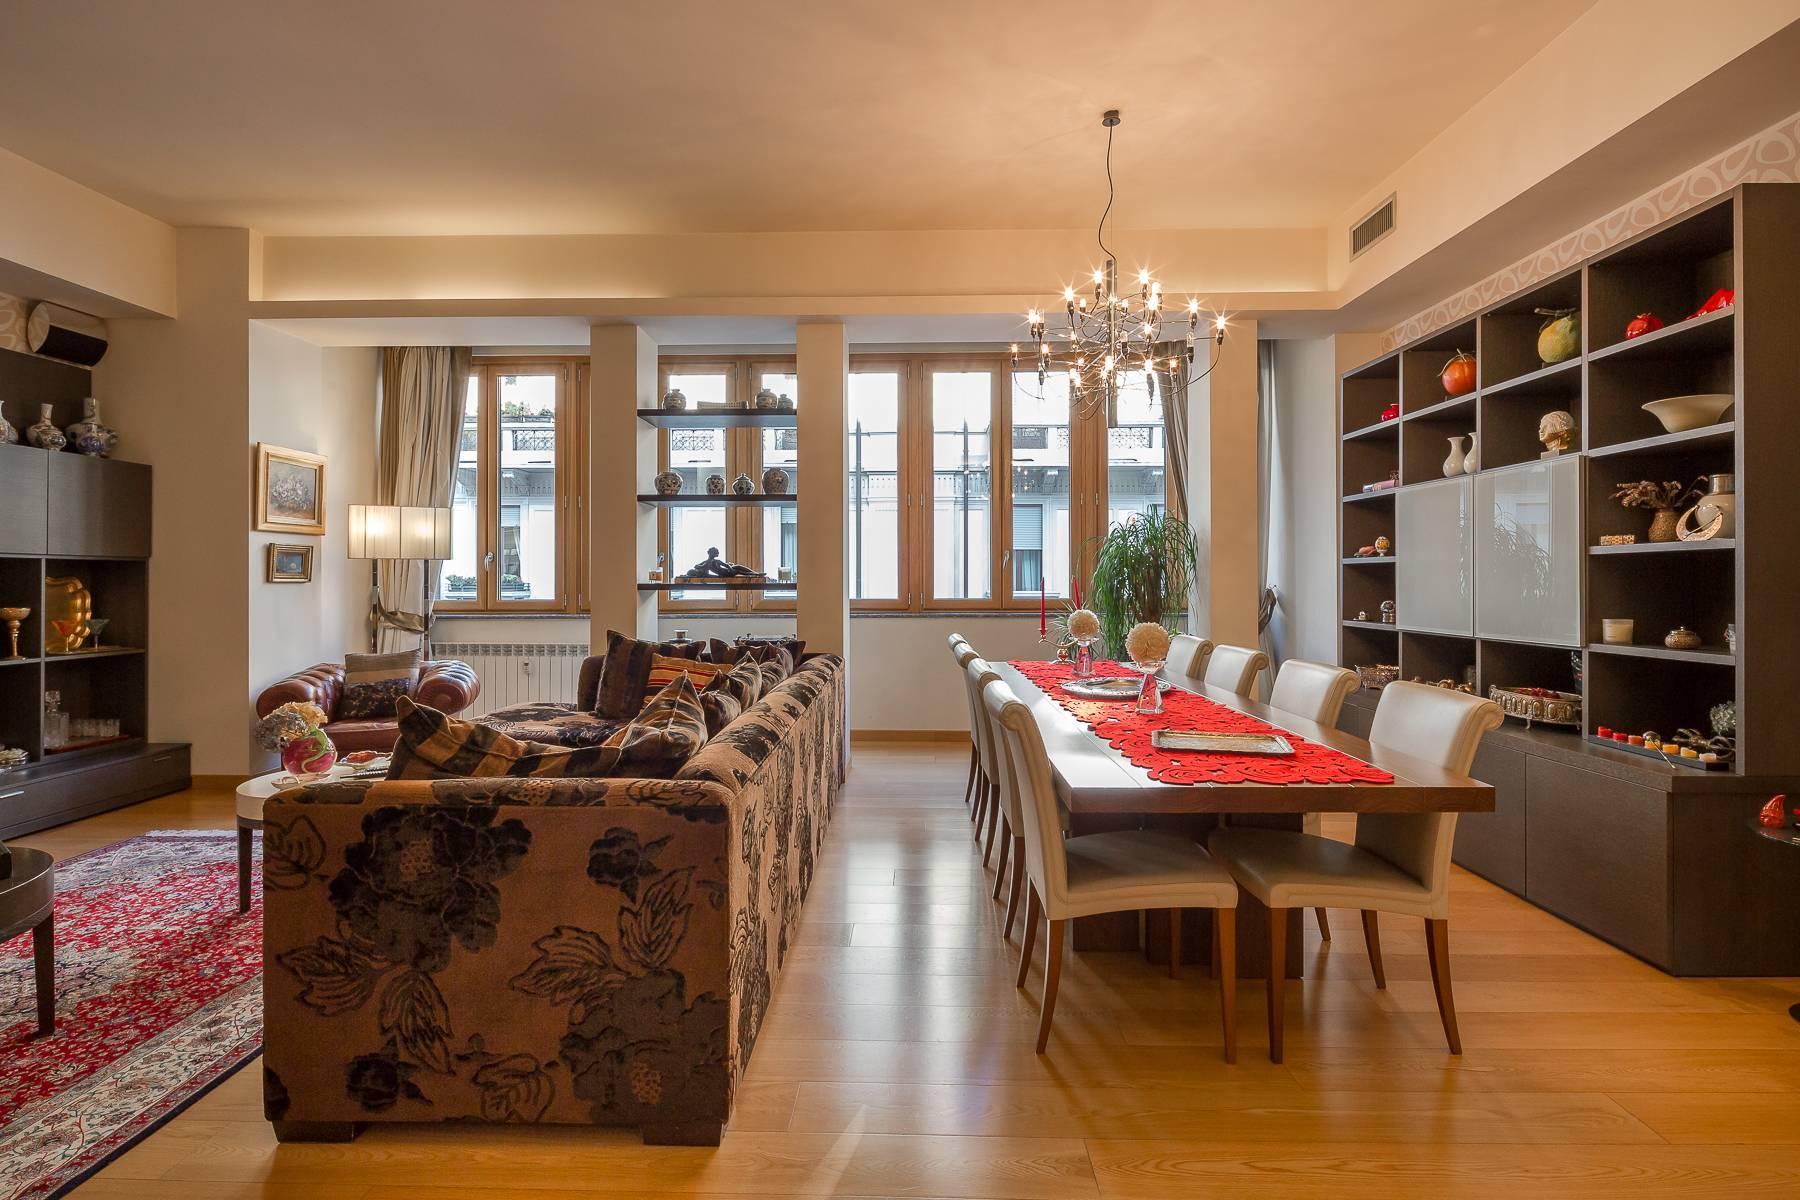 Appartement de style classique situé Via Besana - 16